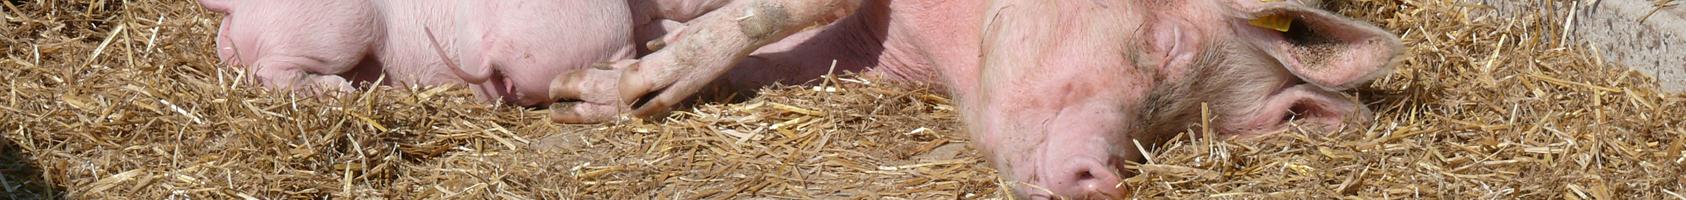 Säugende Sau mit Ferkeln im Stroh liegend